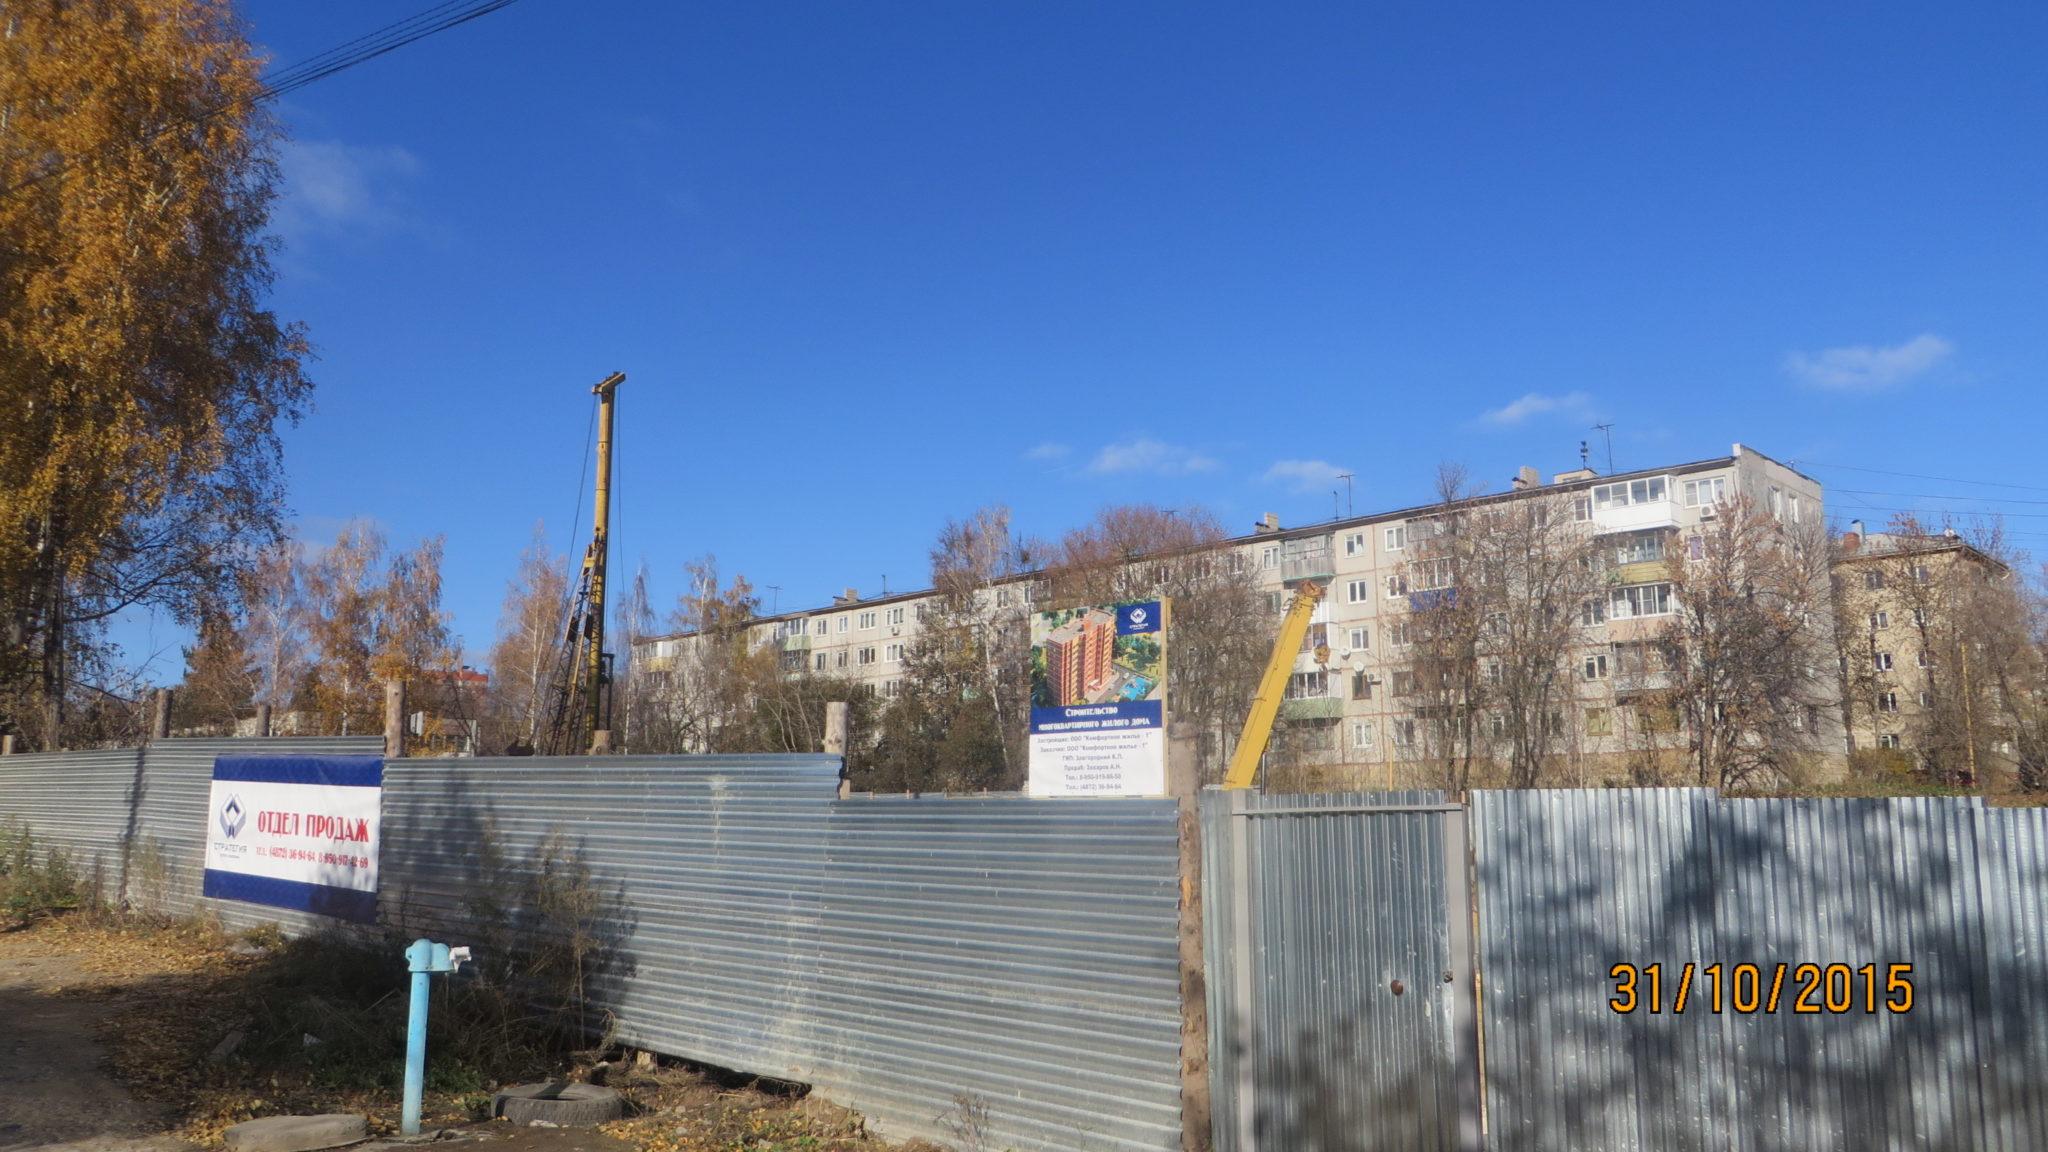 Фото дома по улице Академика Павлова г. Тулы. ЖК Павлов. ООО Комфортное жилье-1